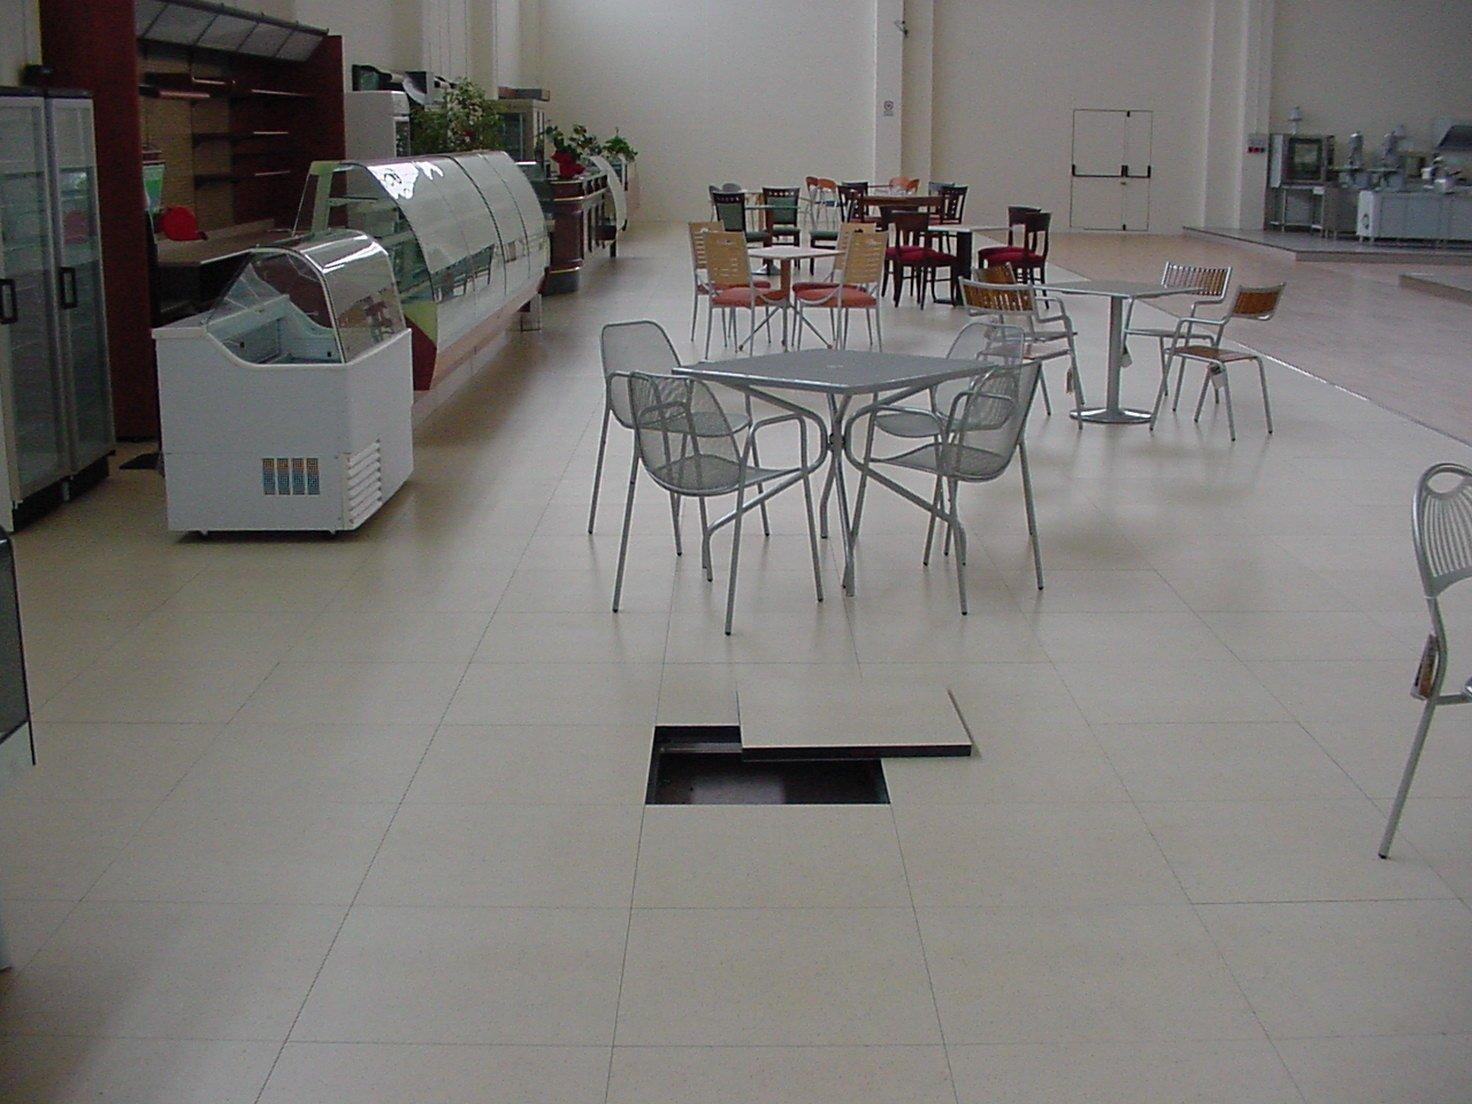 Pavimento con laminato plastico nesite for Pavimento laminato